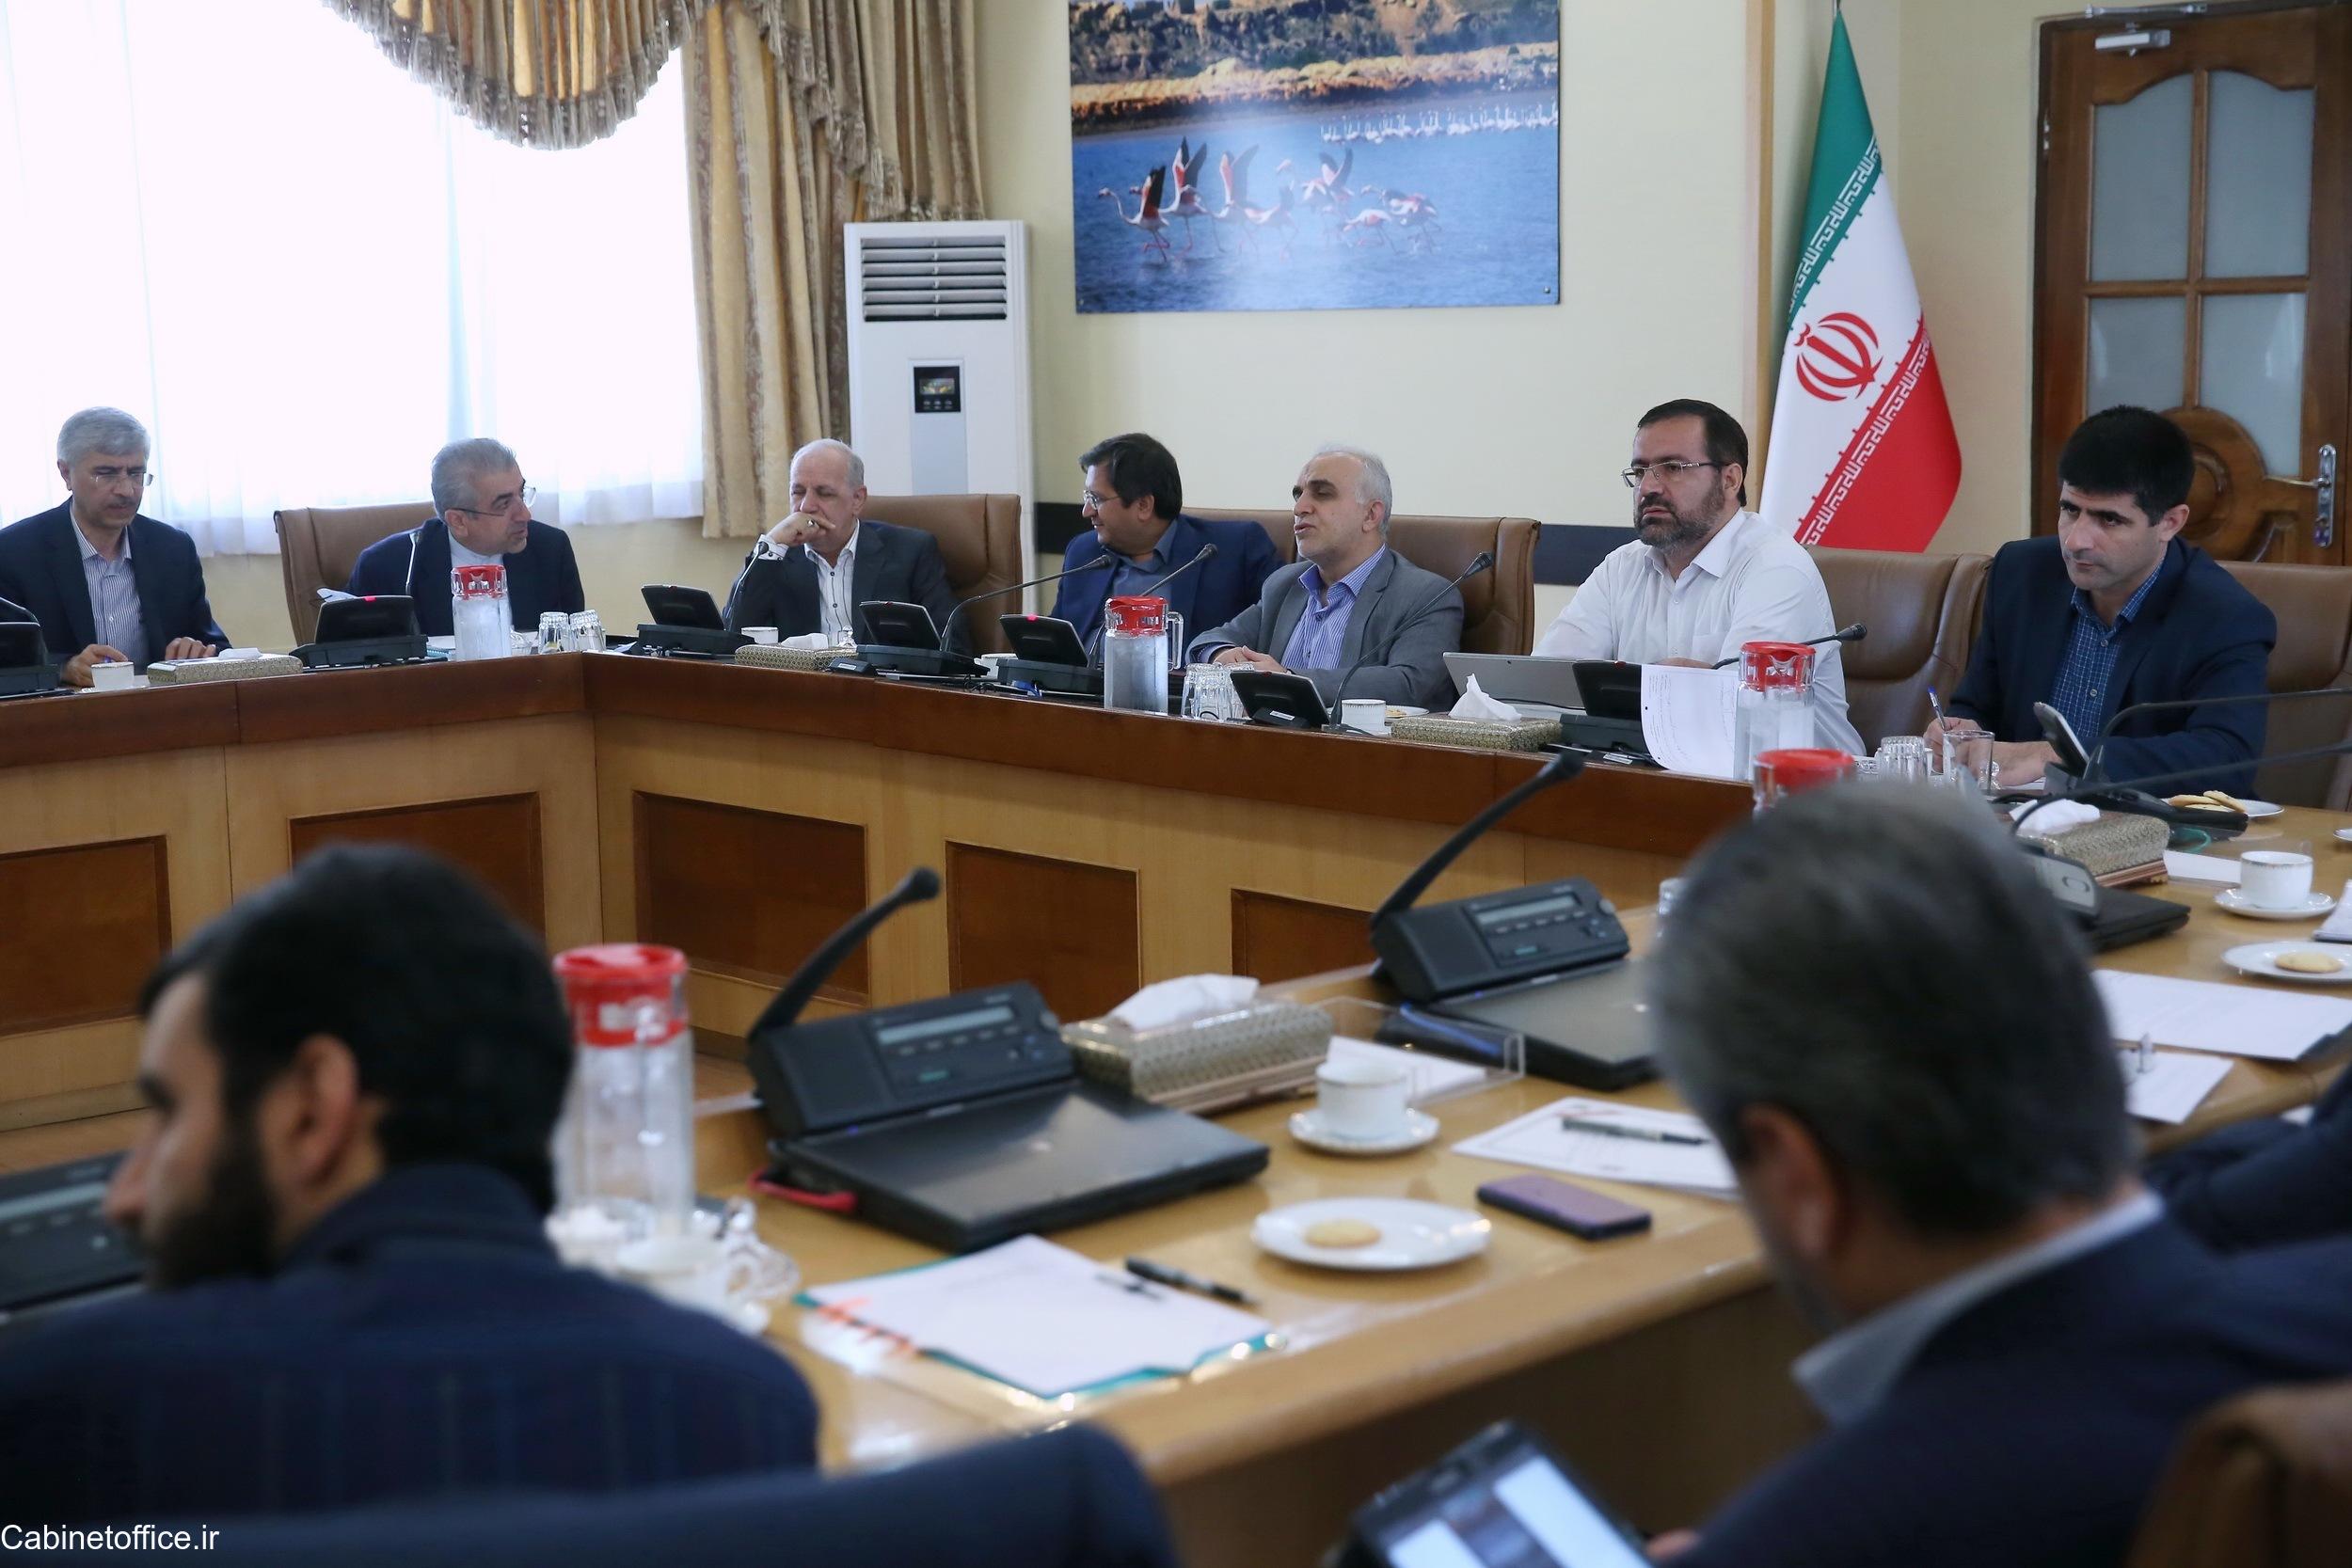 جلسه اصلی کمیسیون اقتصاد در تاریخ ۱۷ تیر ۱۳۹۸